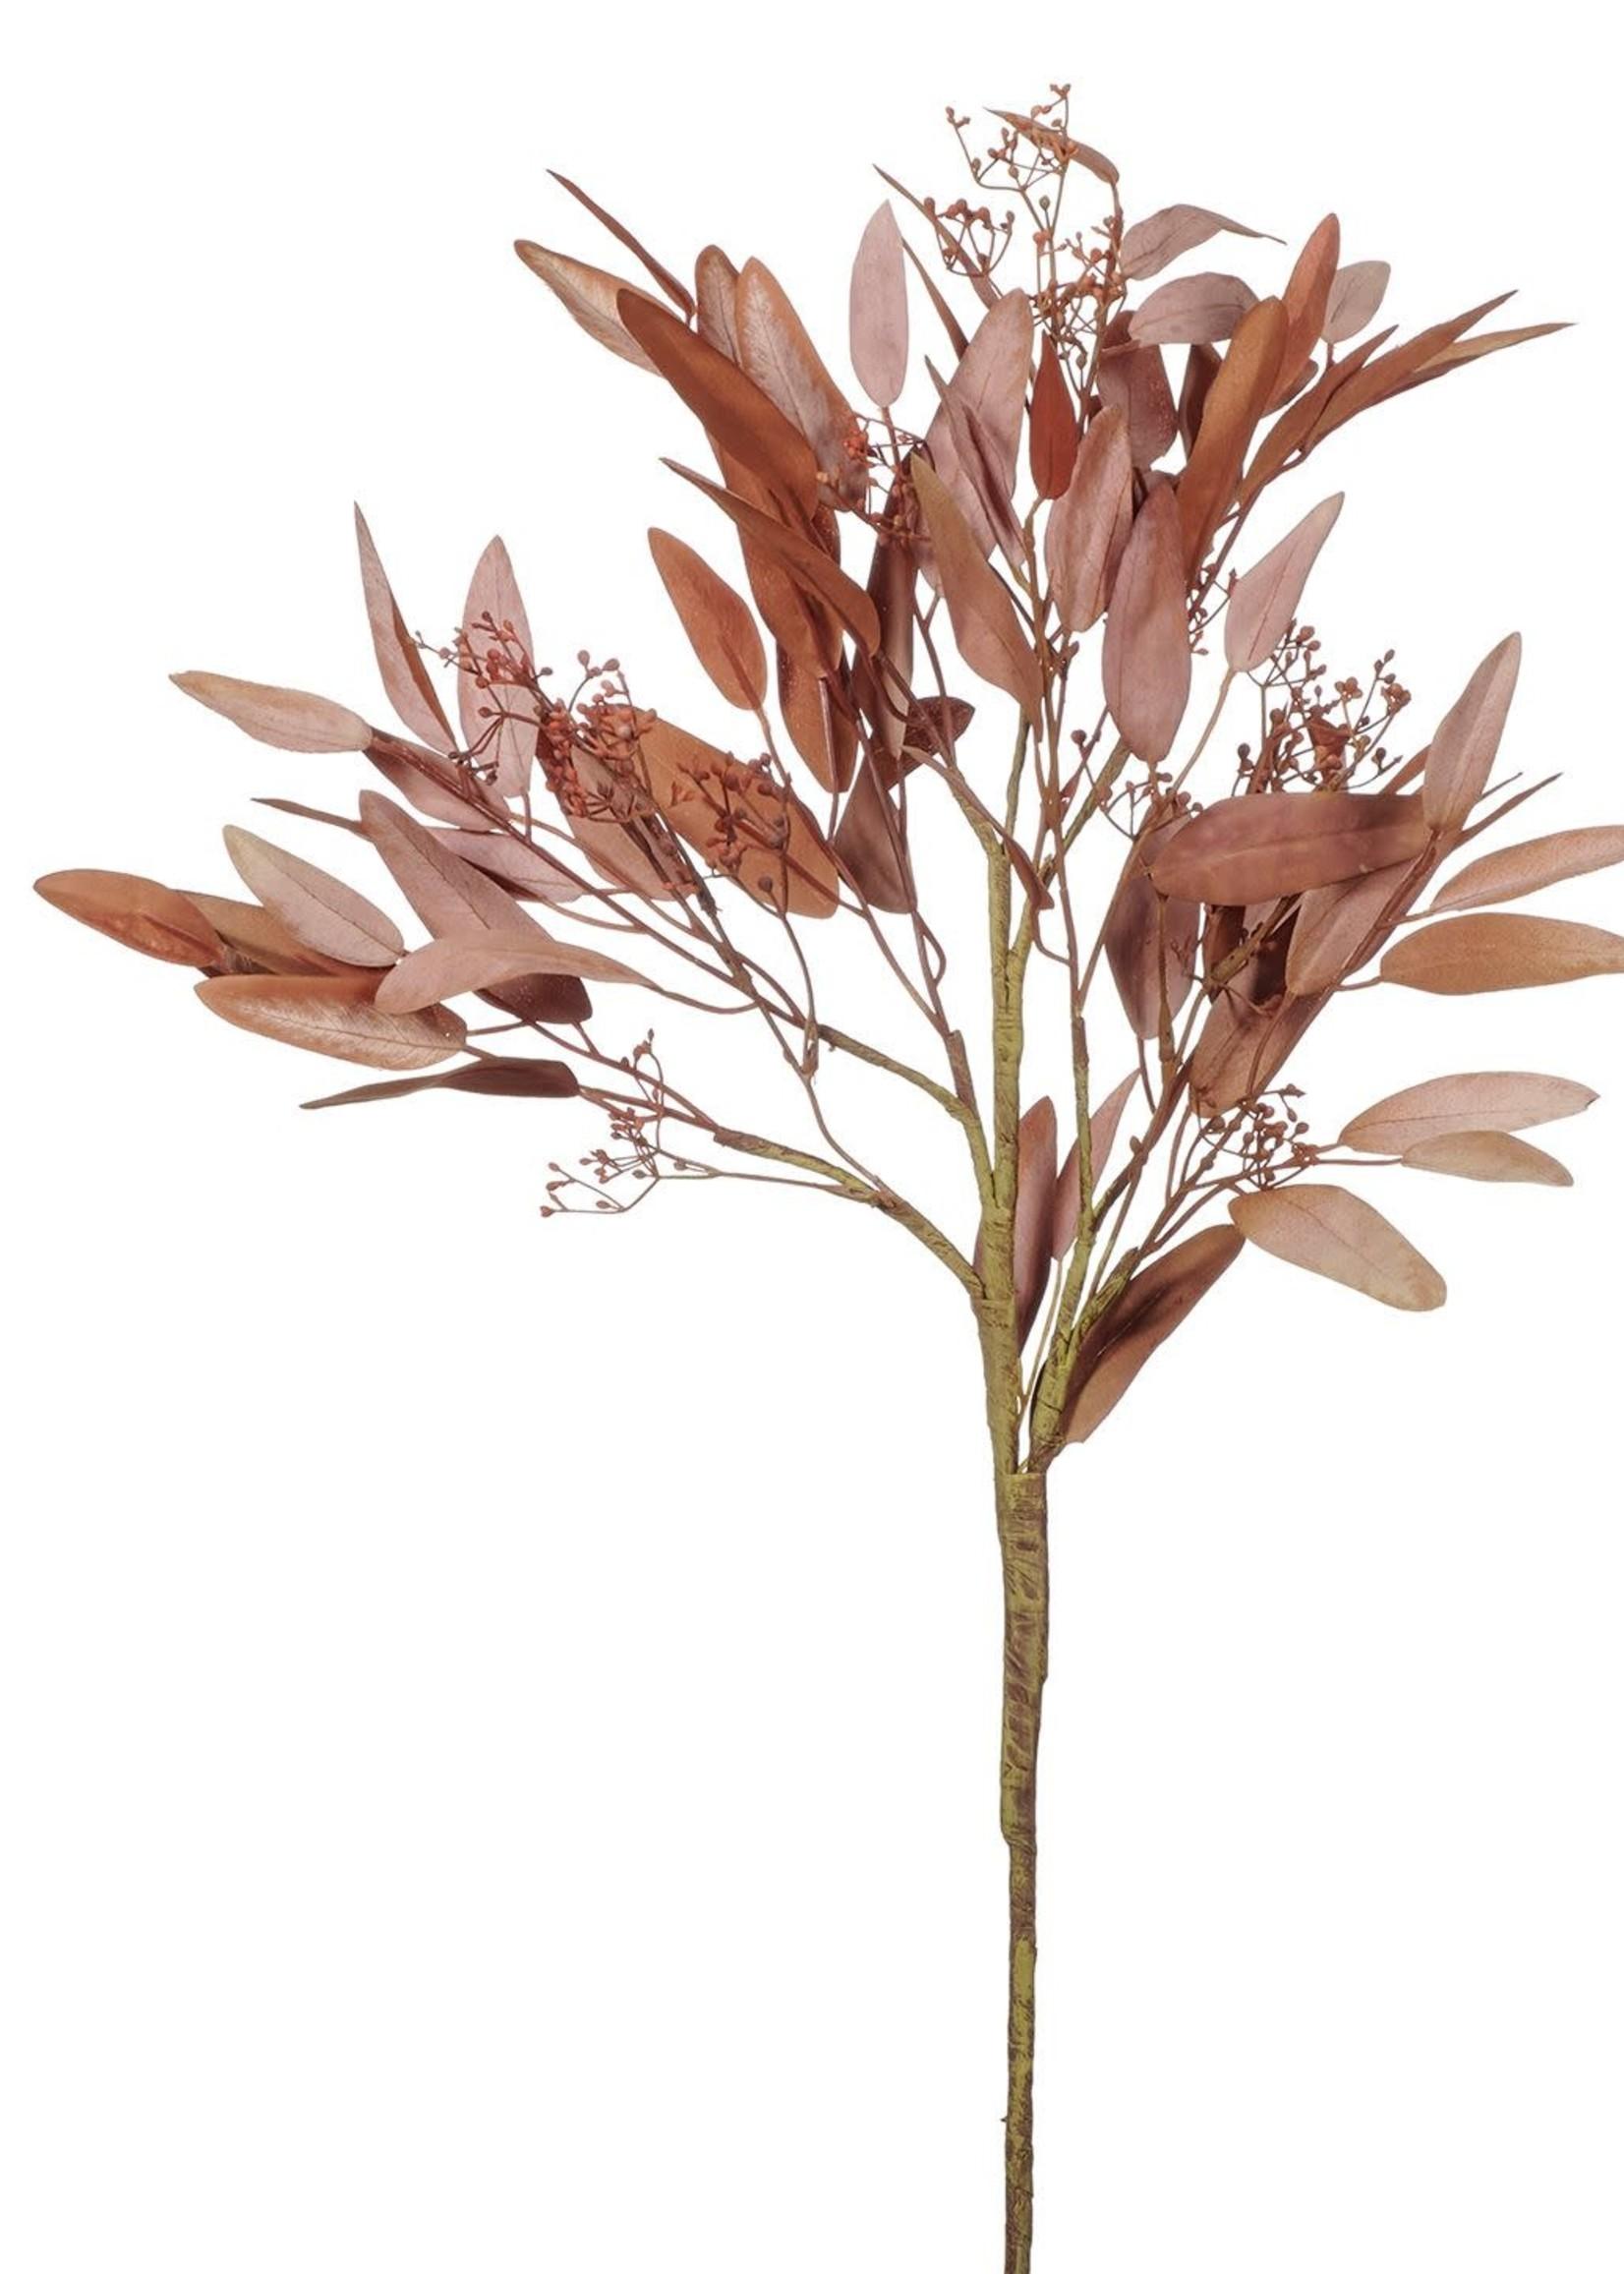 Goodwill Zijden bloemen EUCALYPTUS  100 cm ROZE/BRUIN